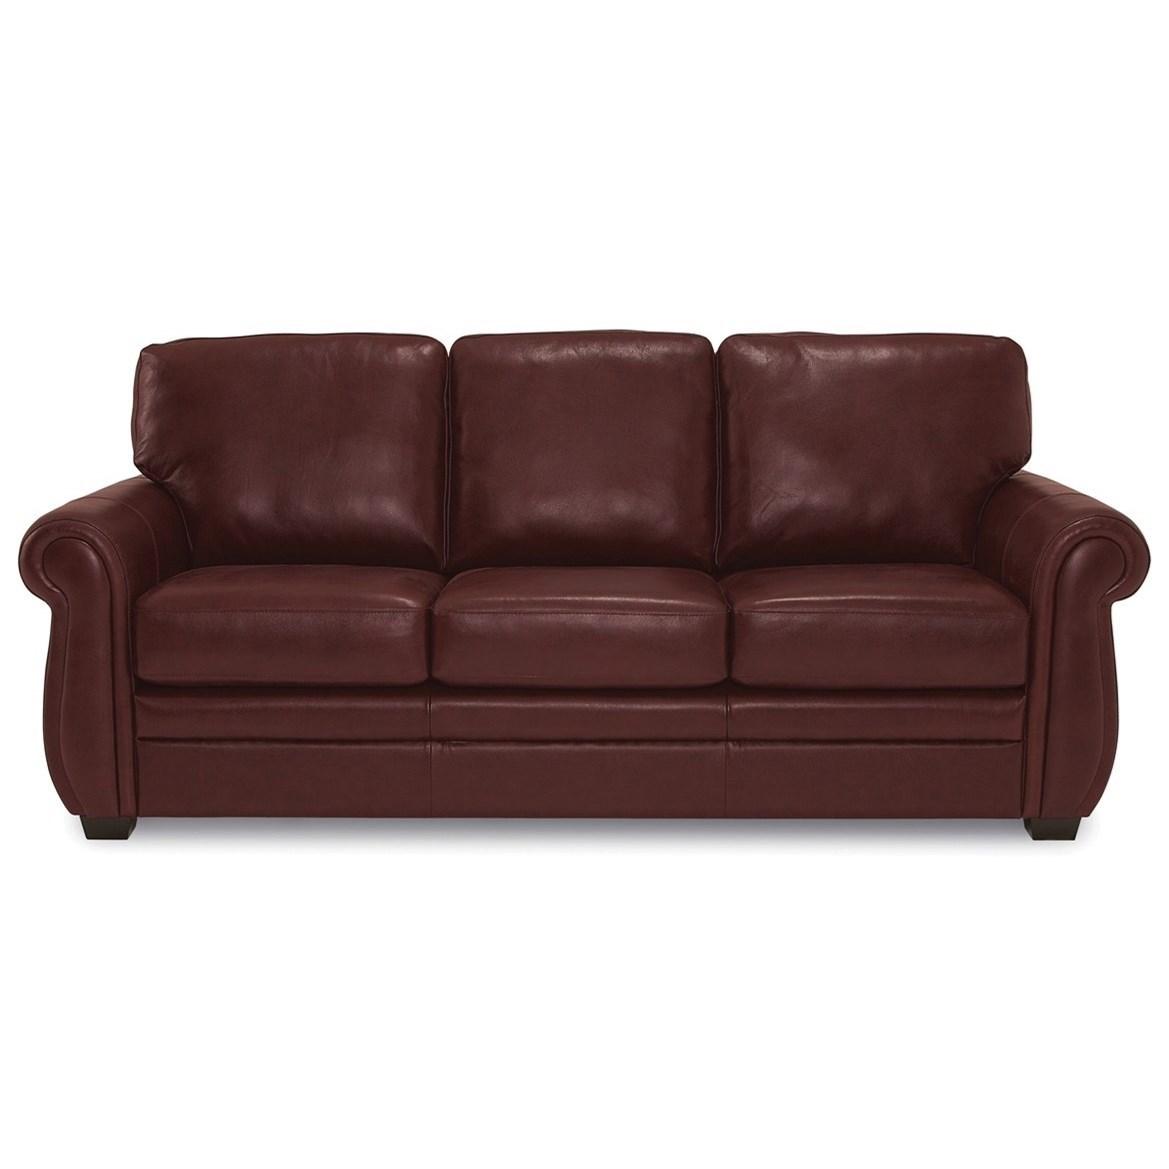 Borrego Sofa by Palliser at Darvin Furniture